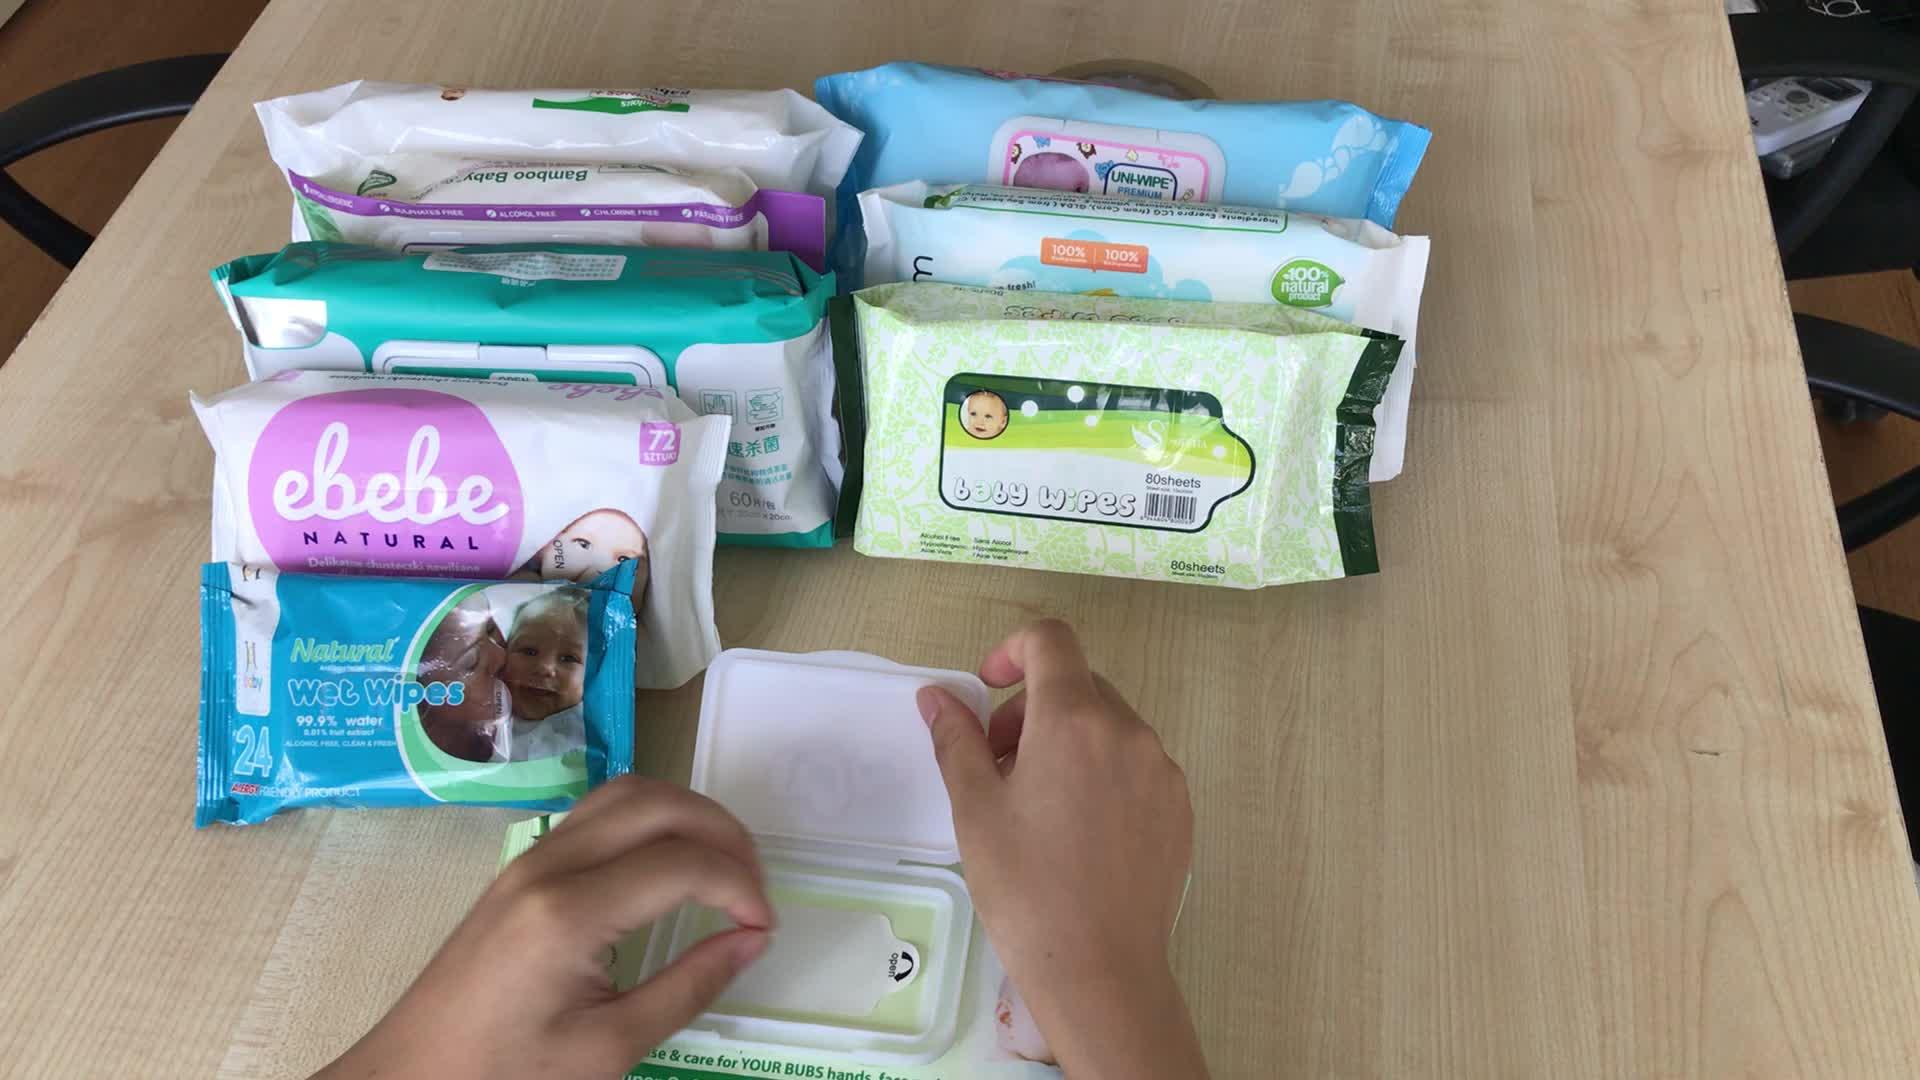 Cina Migliore Prodotto di Vendita 2019 Private Label Wholesale100 % Biodegradabile Organico Del Bambino Salviettine umidificate, salviettine umidificate all'ingrosso